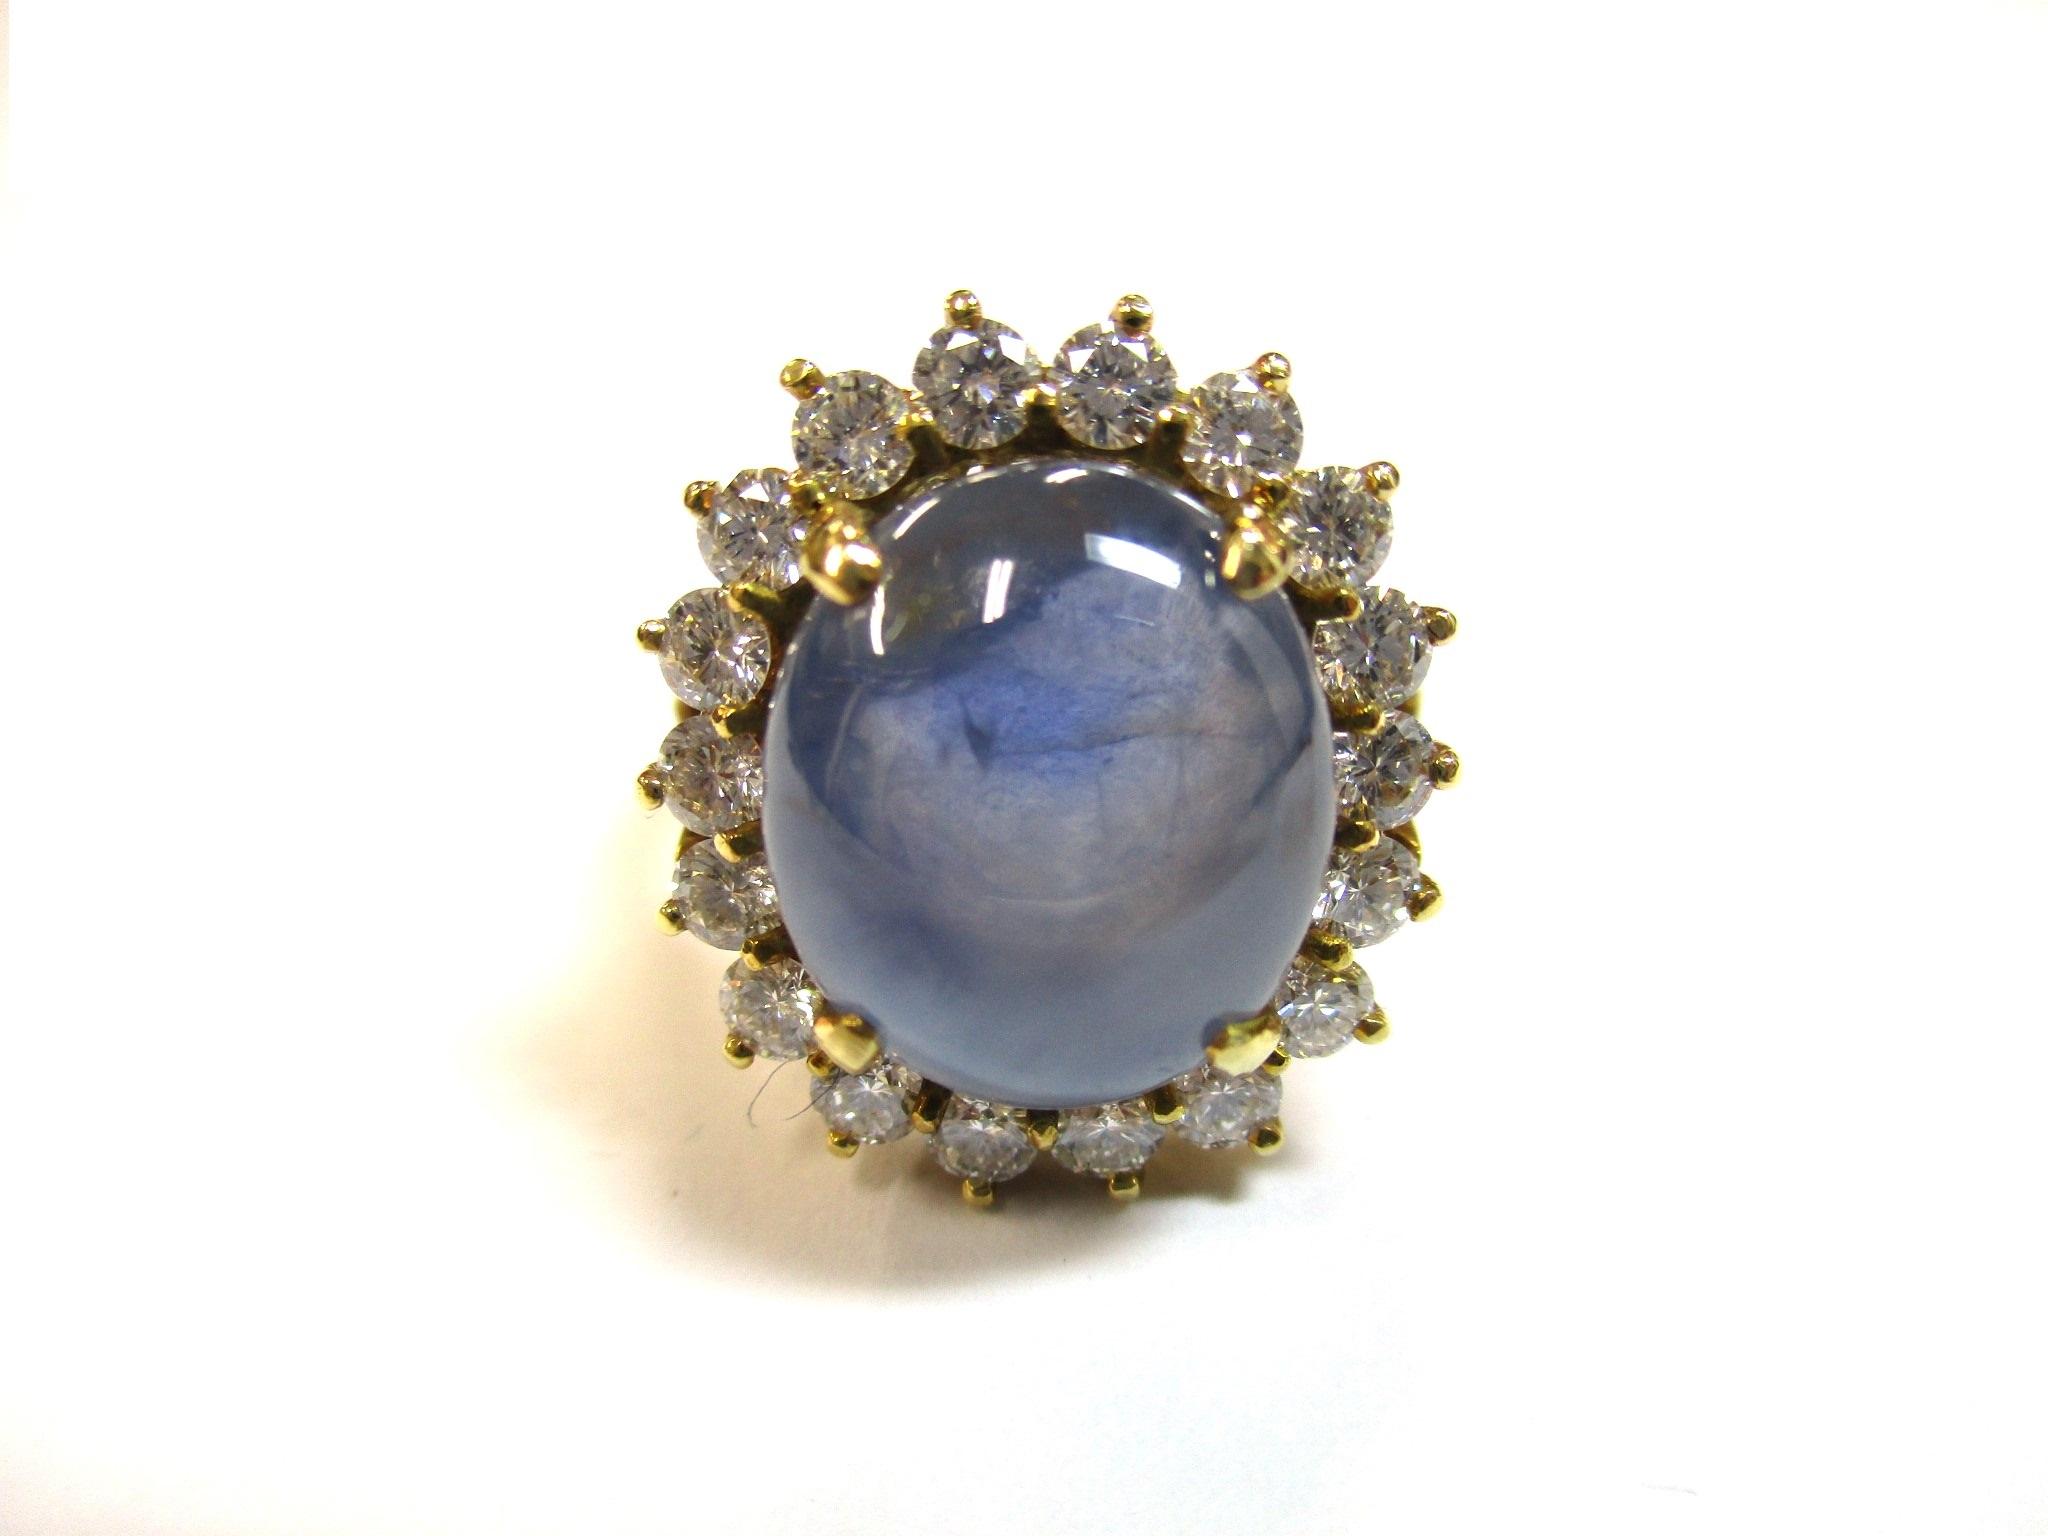 【主石】サファイア 【脇石】ダイヤモンド 【形状】リングの画像